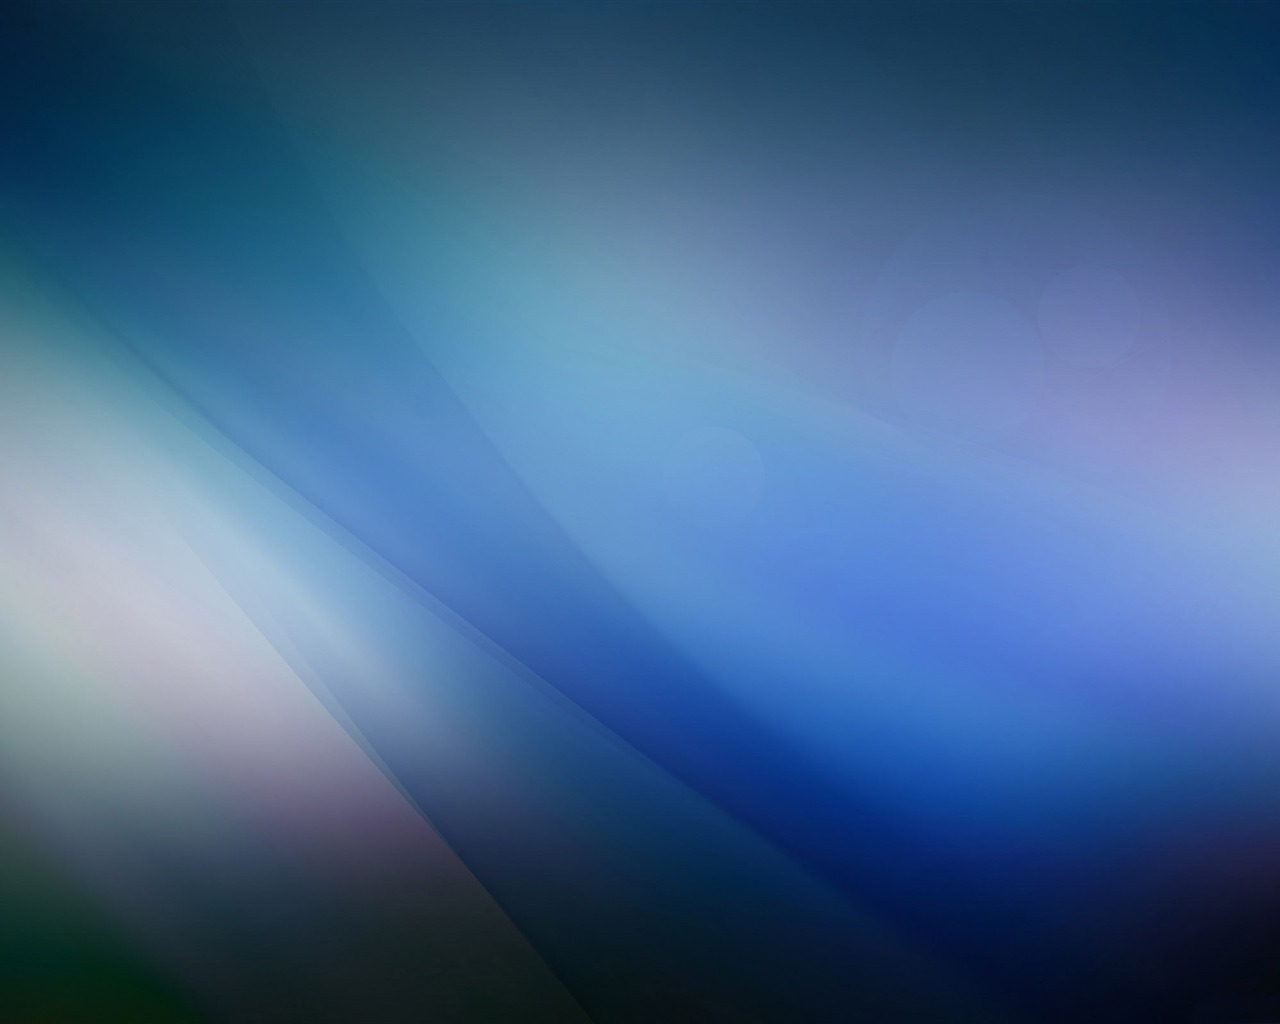 蓝色的星河湾-设计高清壁纸 - 1280x1024 壁纸 下载图片